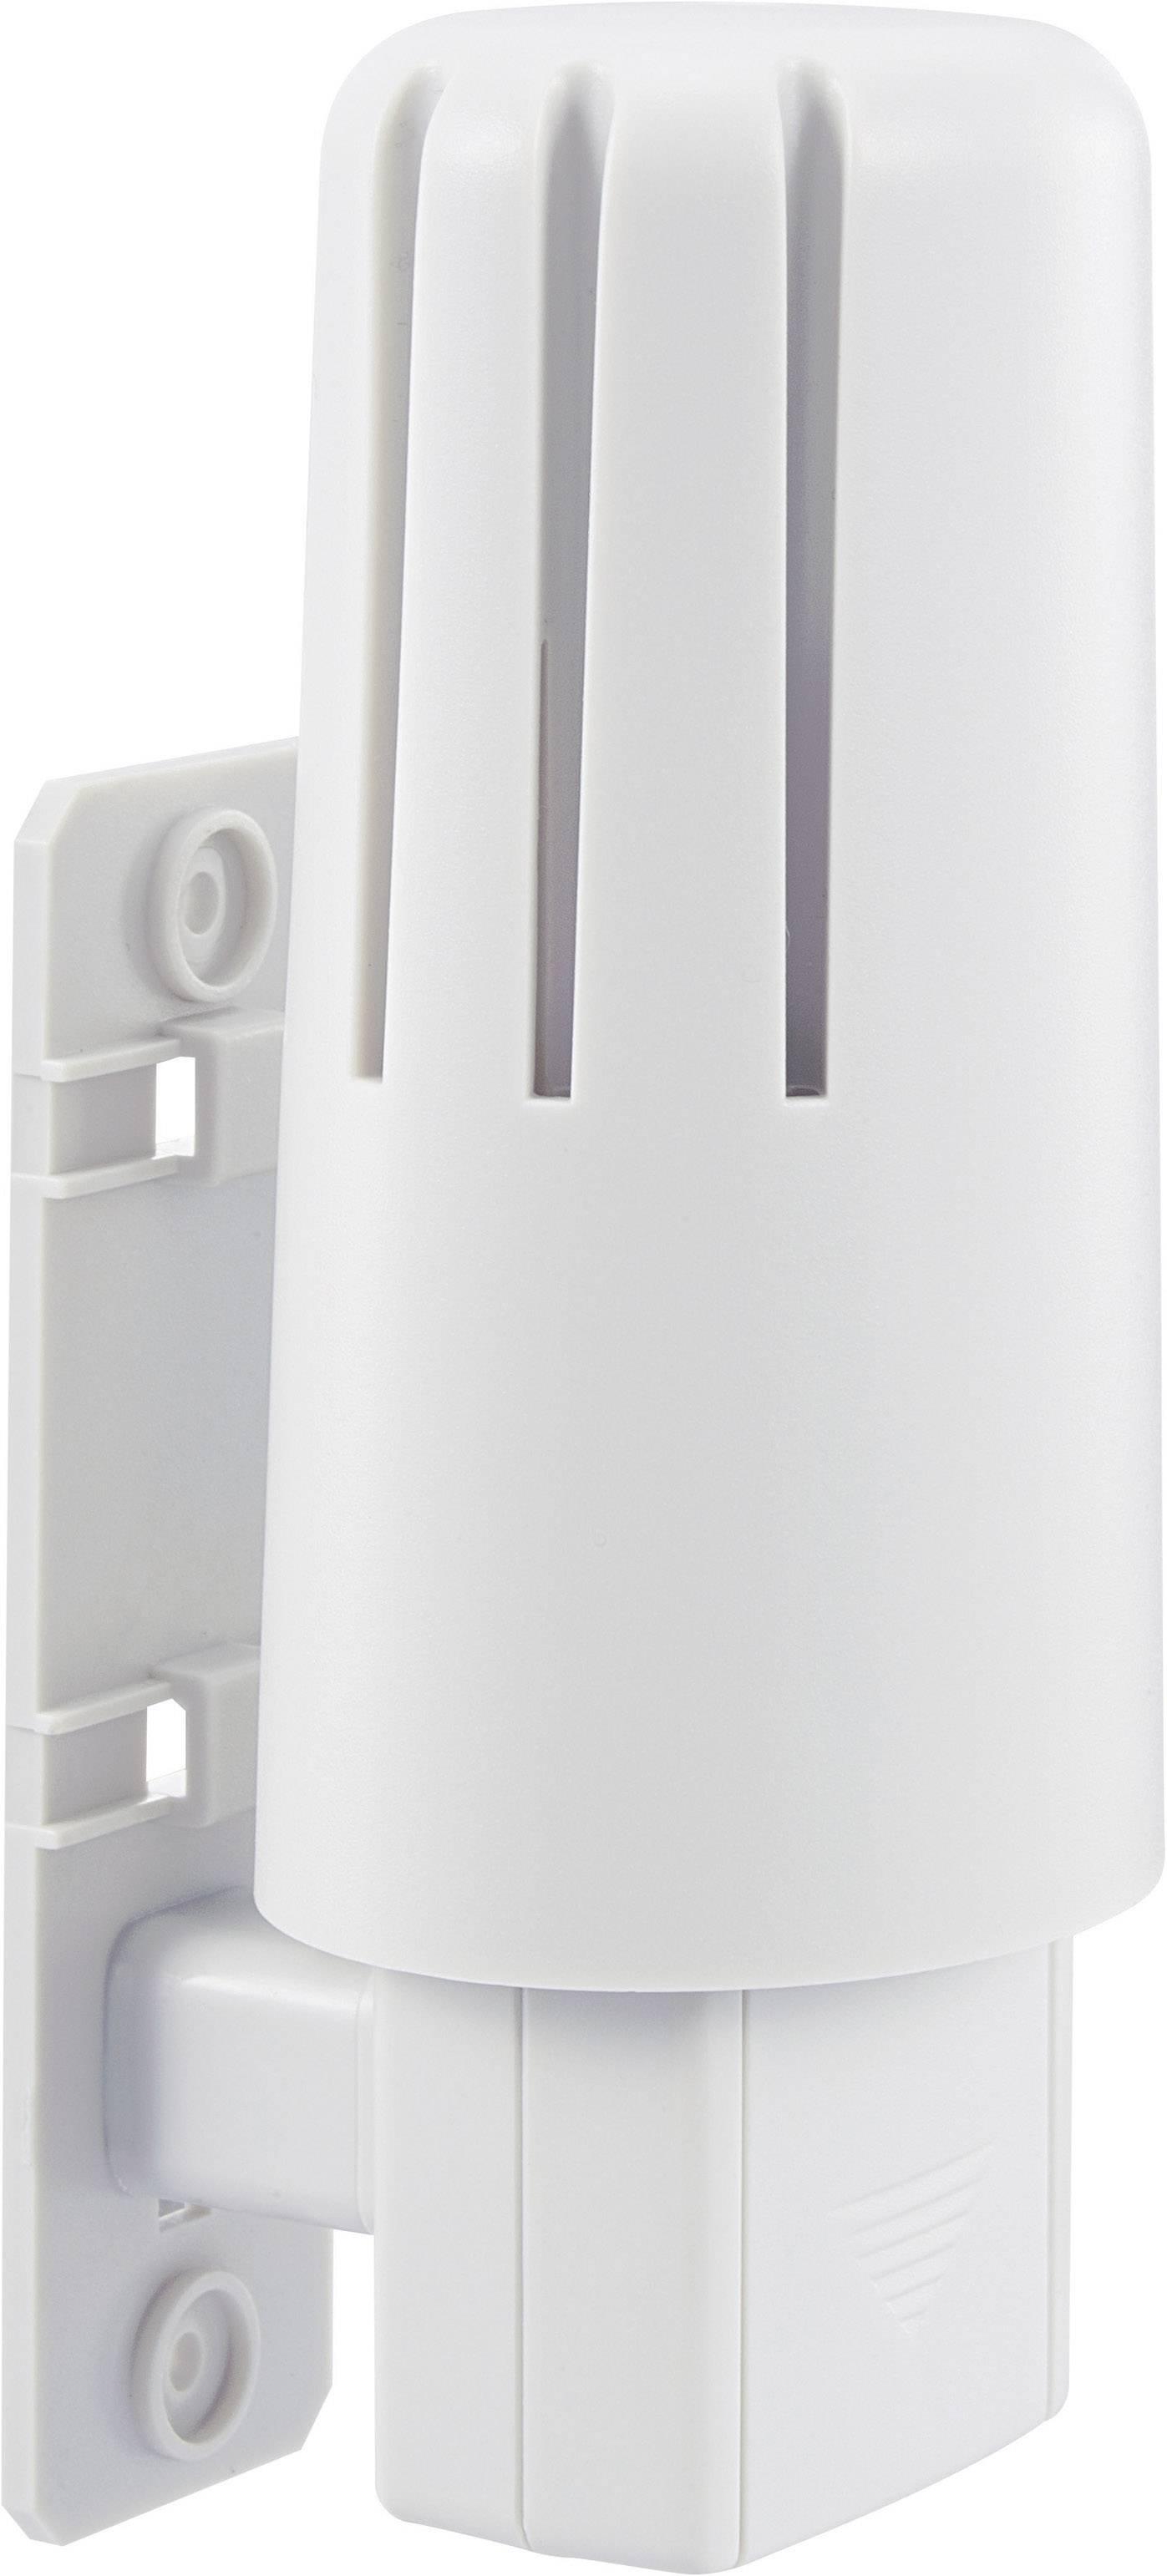 Vonkajší senzor teploty a vlhkosti TX21IT+